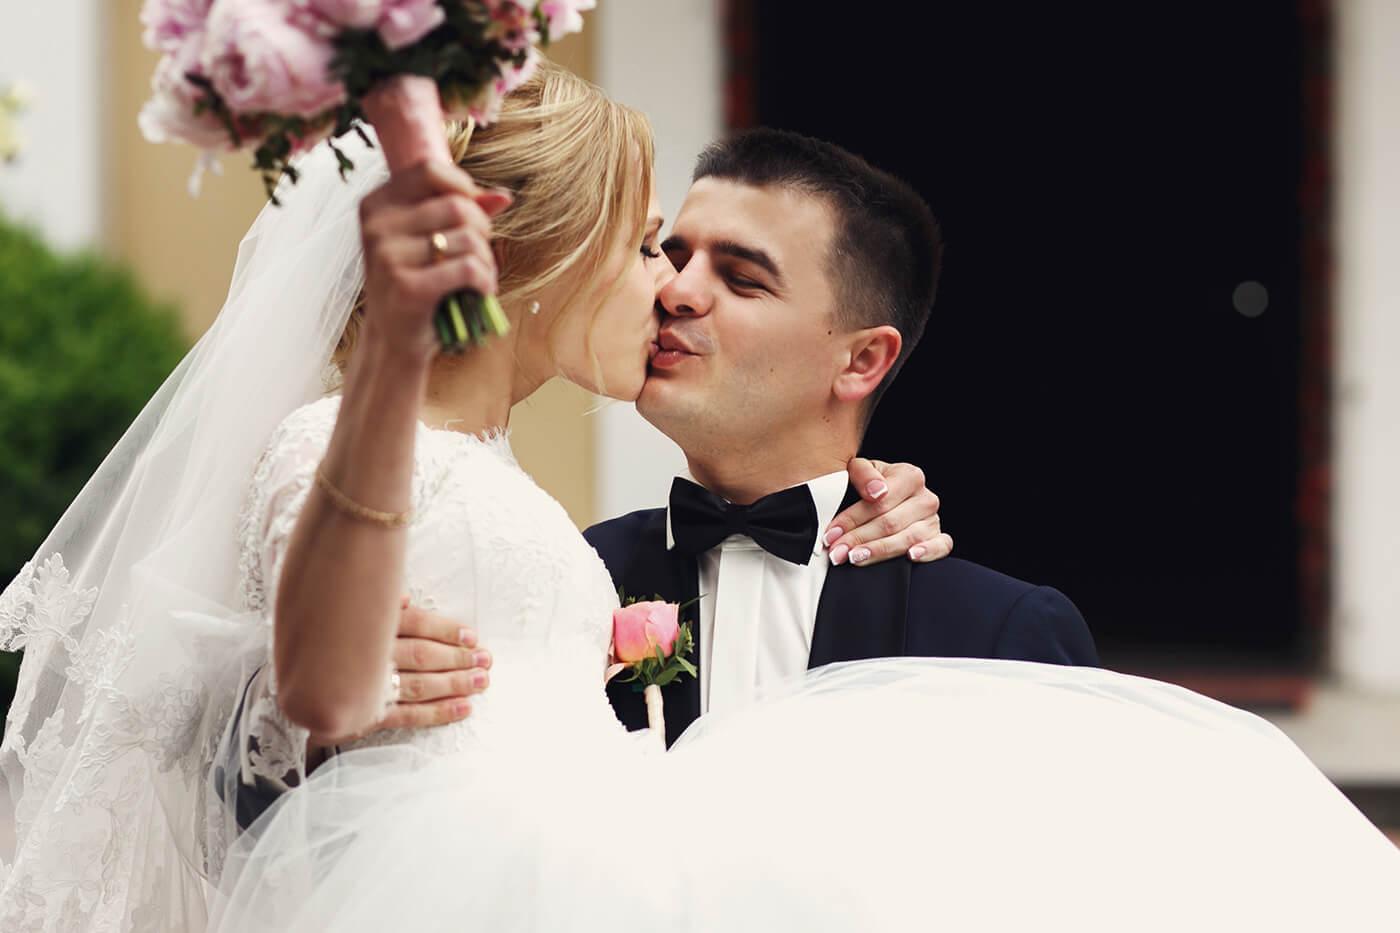 Bräuche Hochzeit Türschwelle nicht berühren